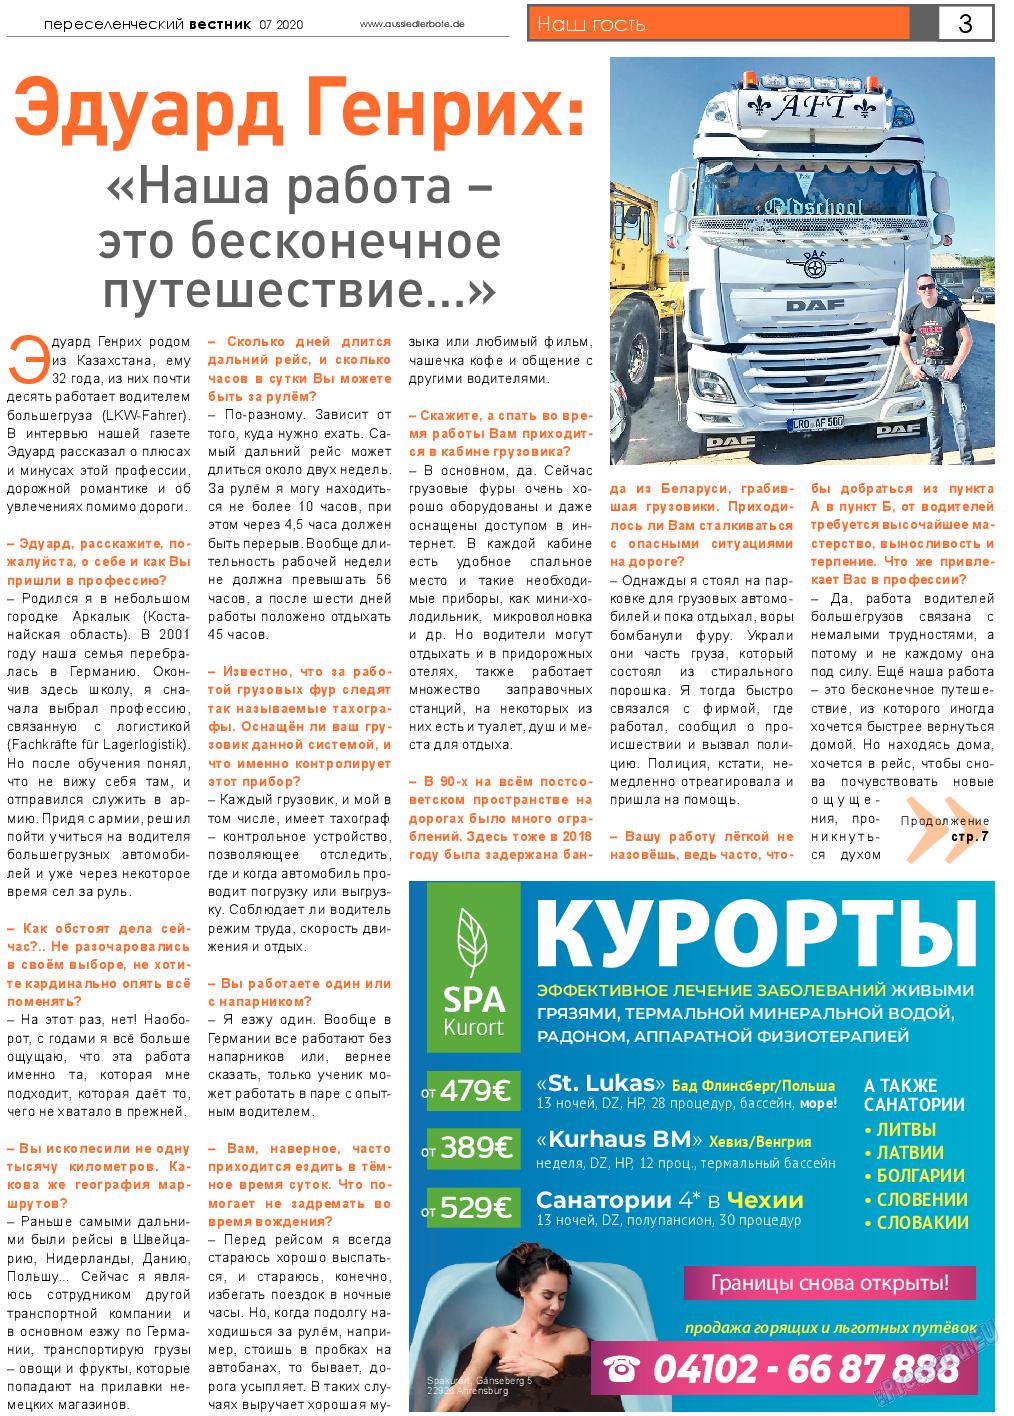 Переселенческий вестник (газета). 2020 год, номер 7, стр. 3